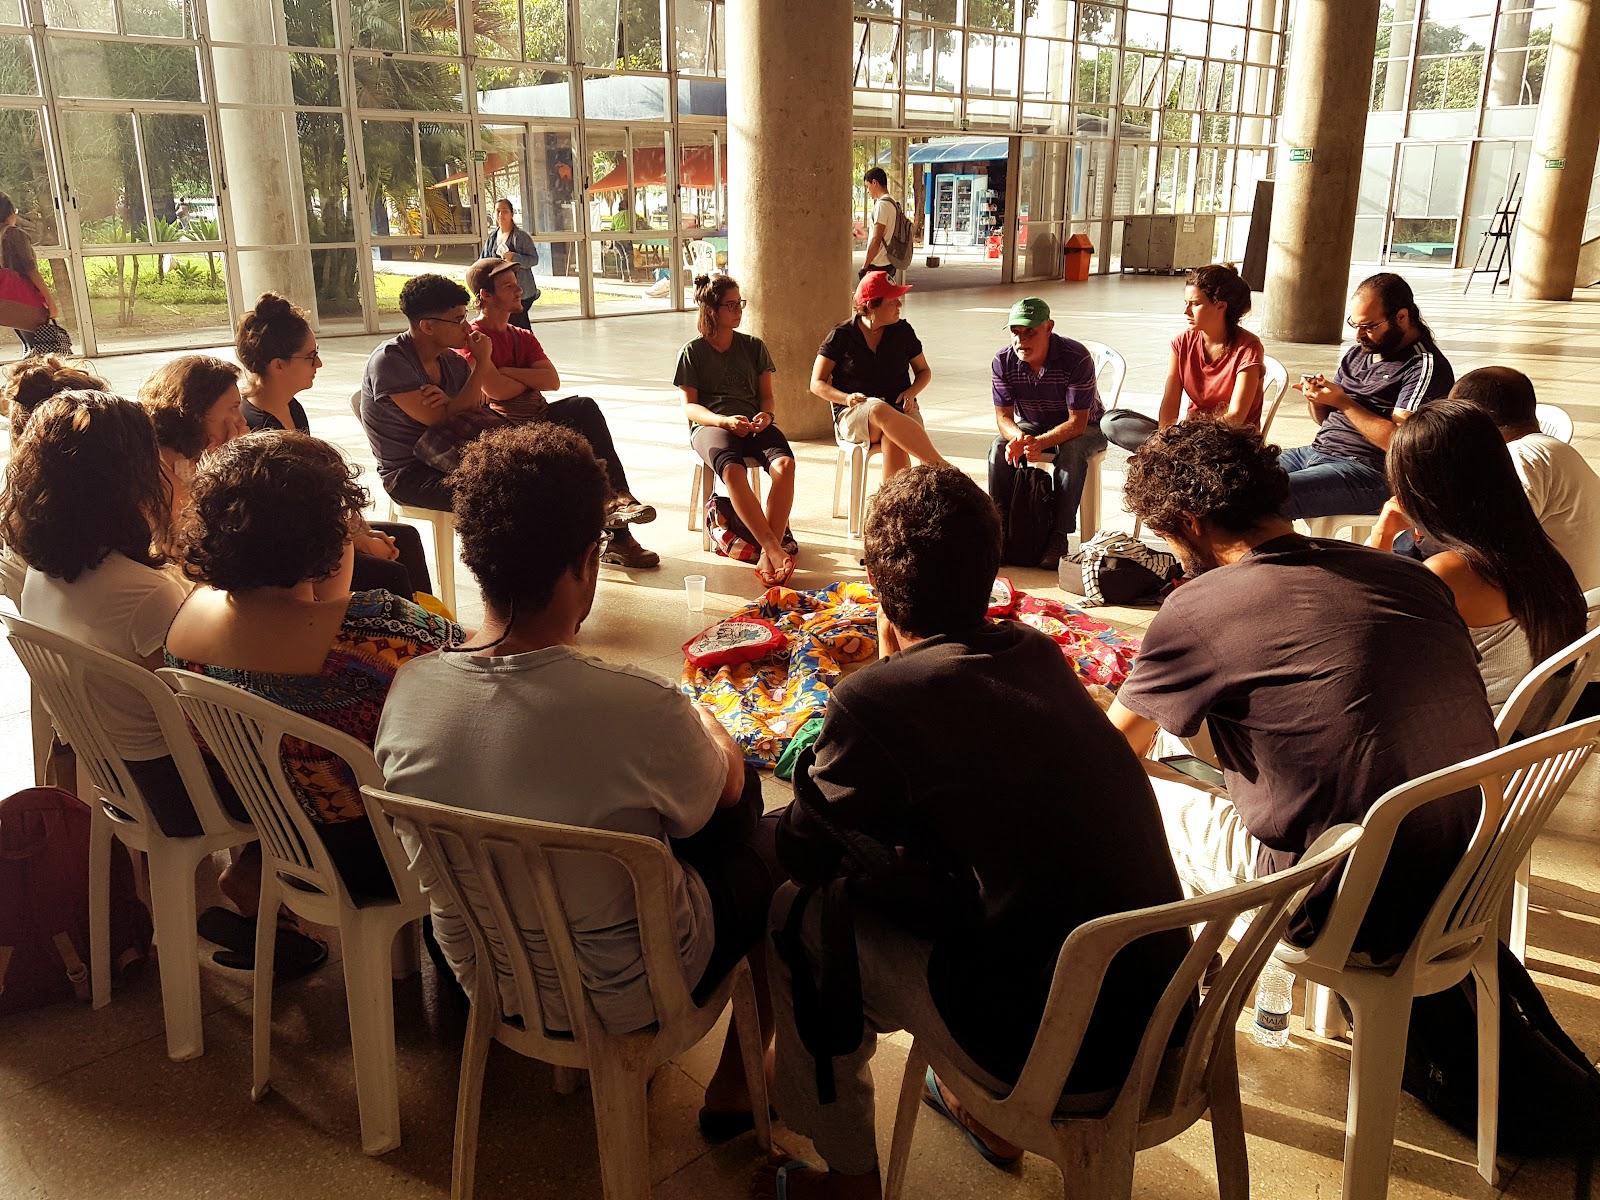 Foto 4: Roda de conversa organizada pelos projetos CaCi e TecSARA na JURA de 2018.